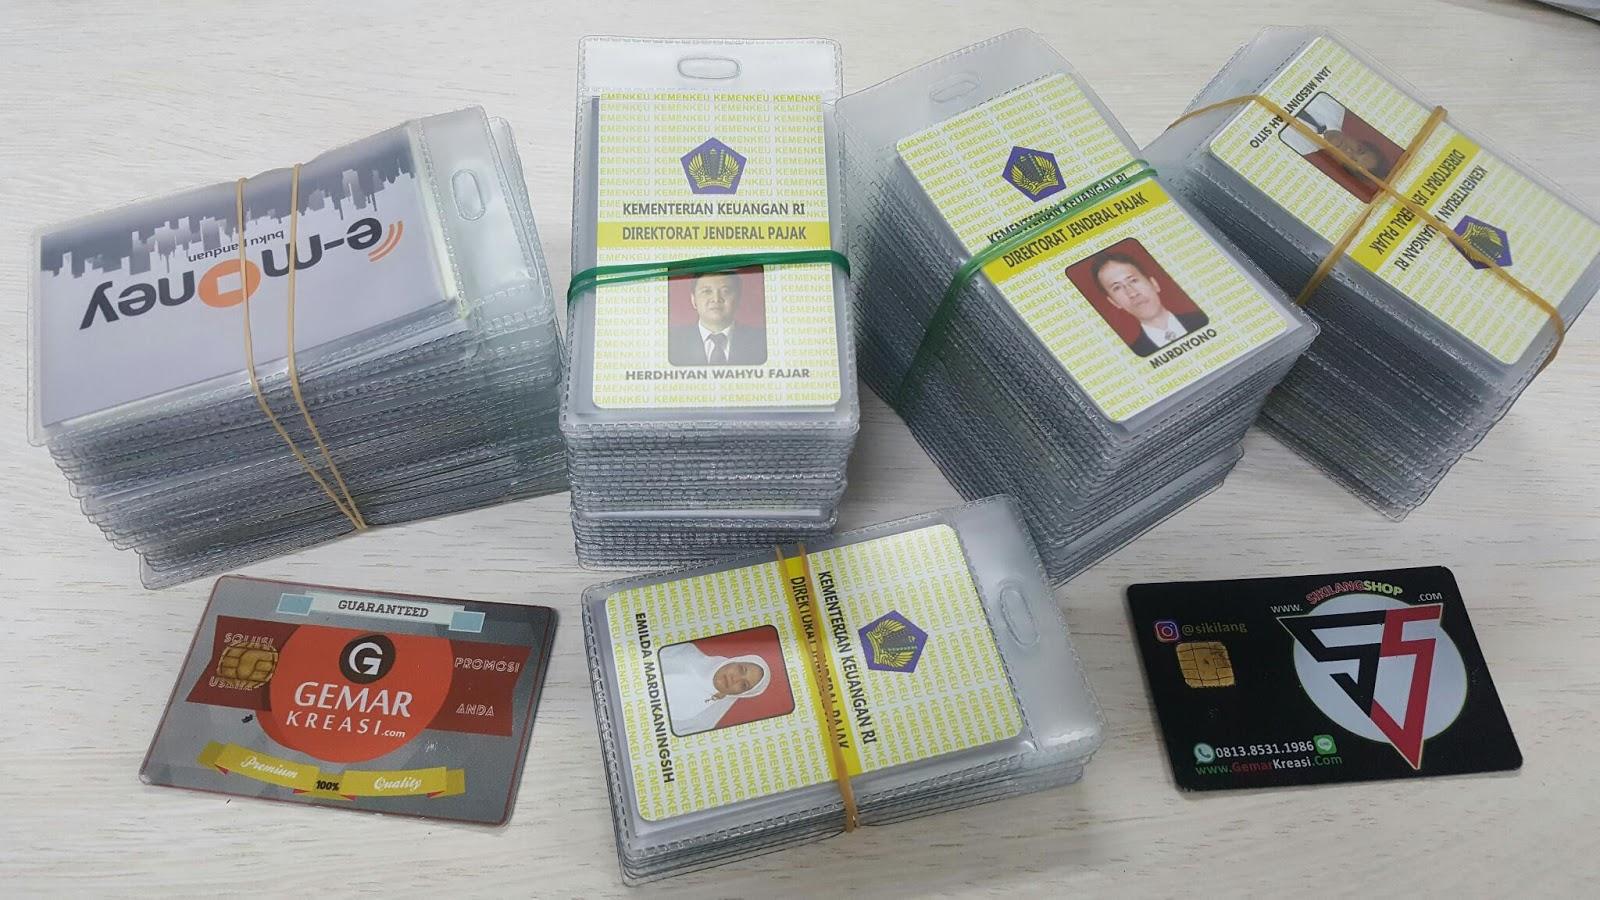 Cetak Id Card Emoney Custom Gemar Kreasi Solusi Promosi Usaha Anda Kartu Flazz Design Unik